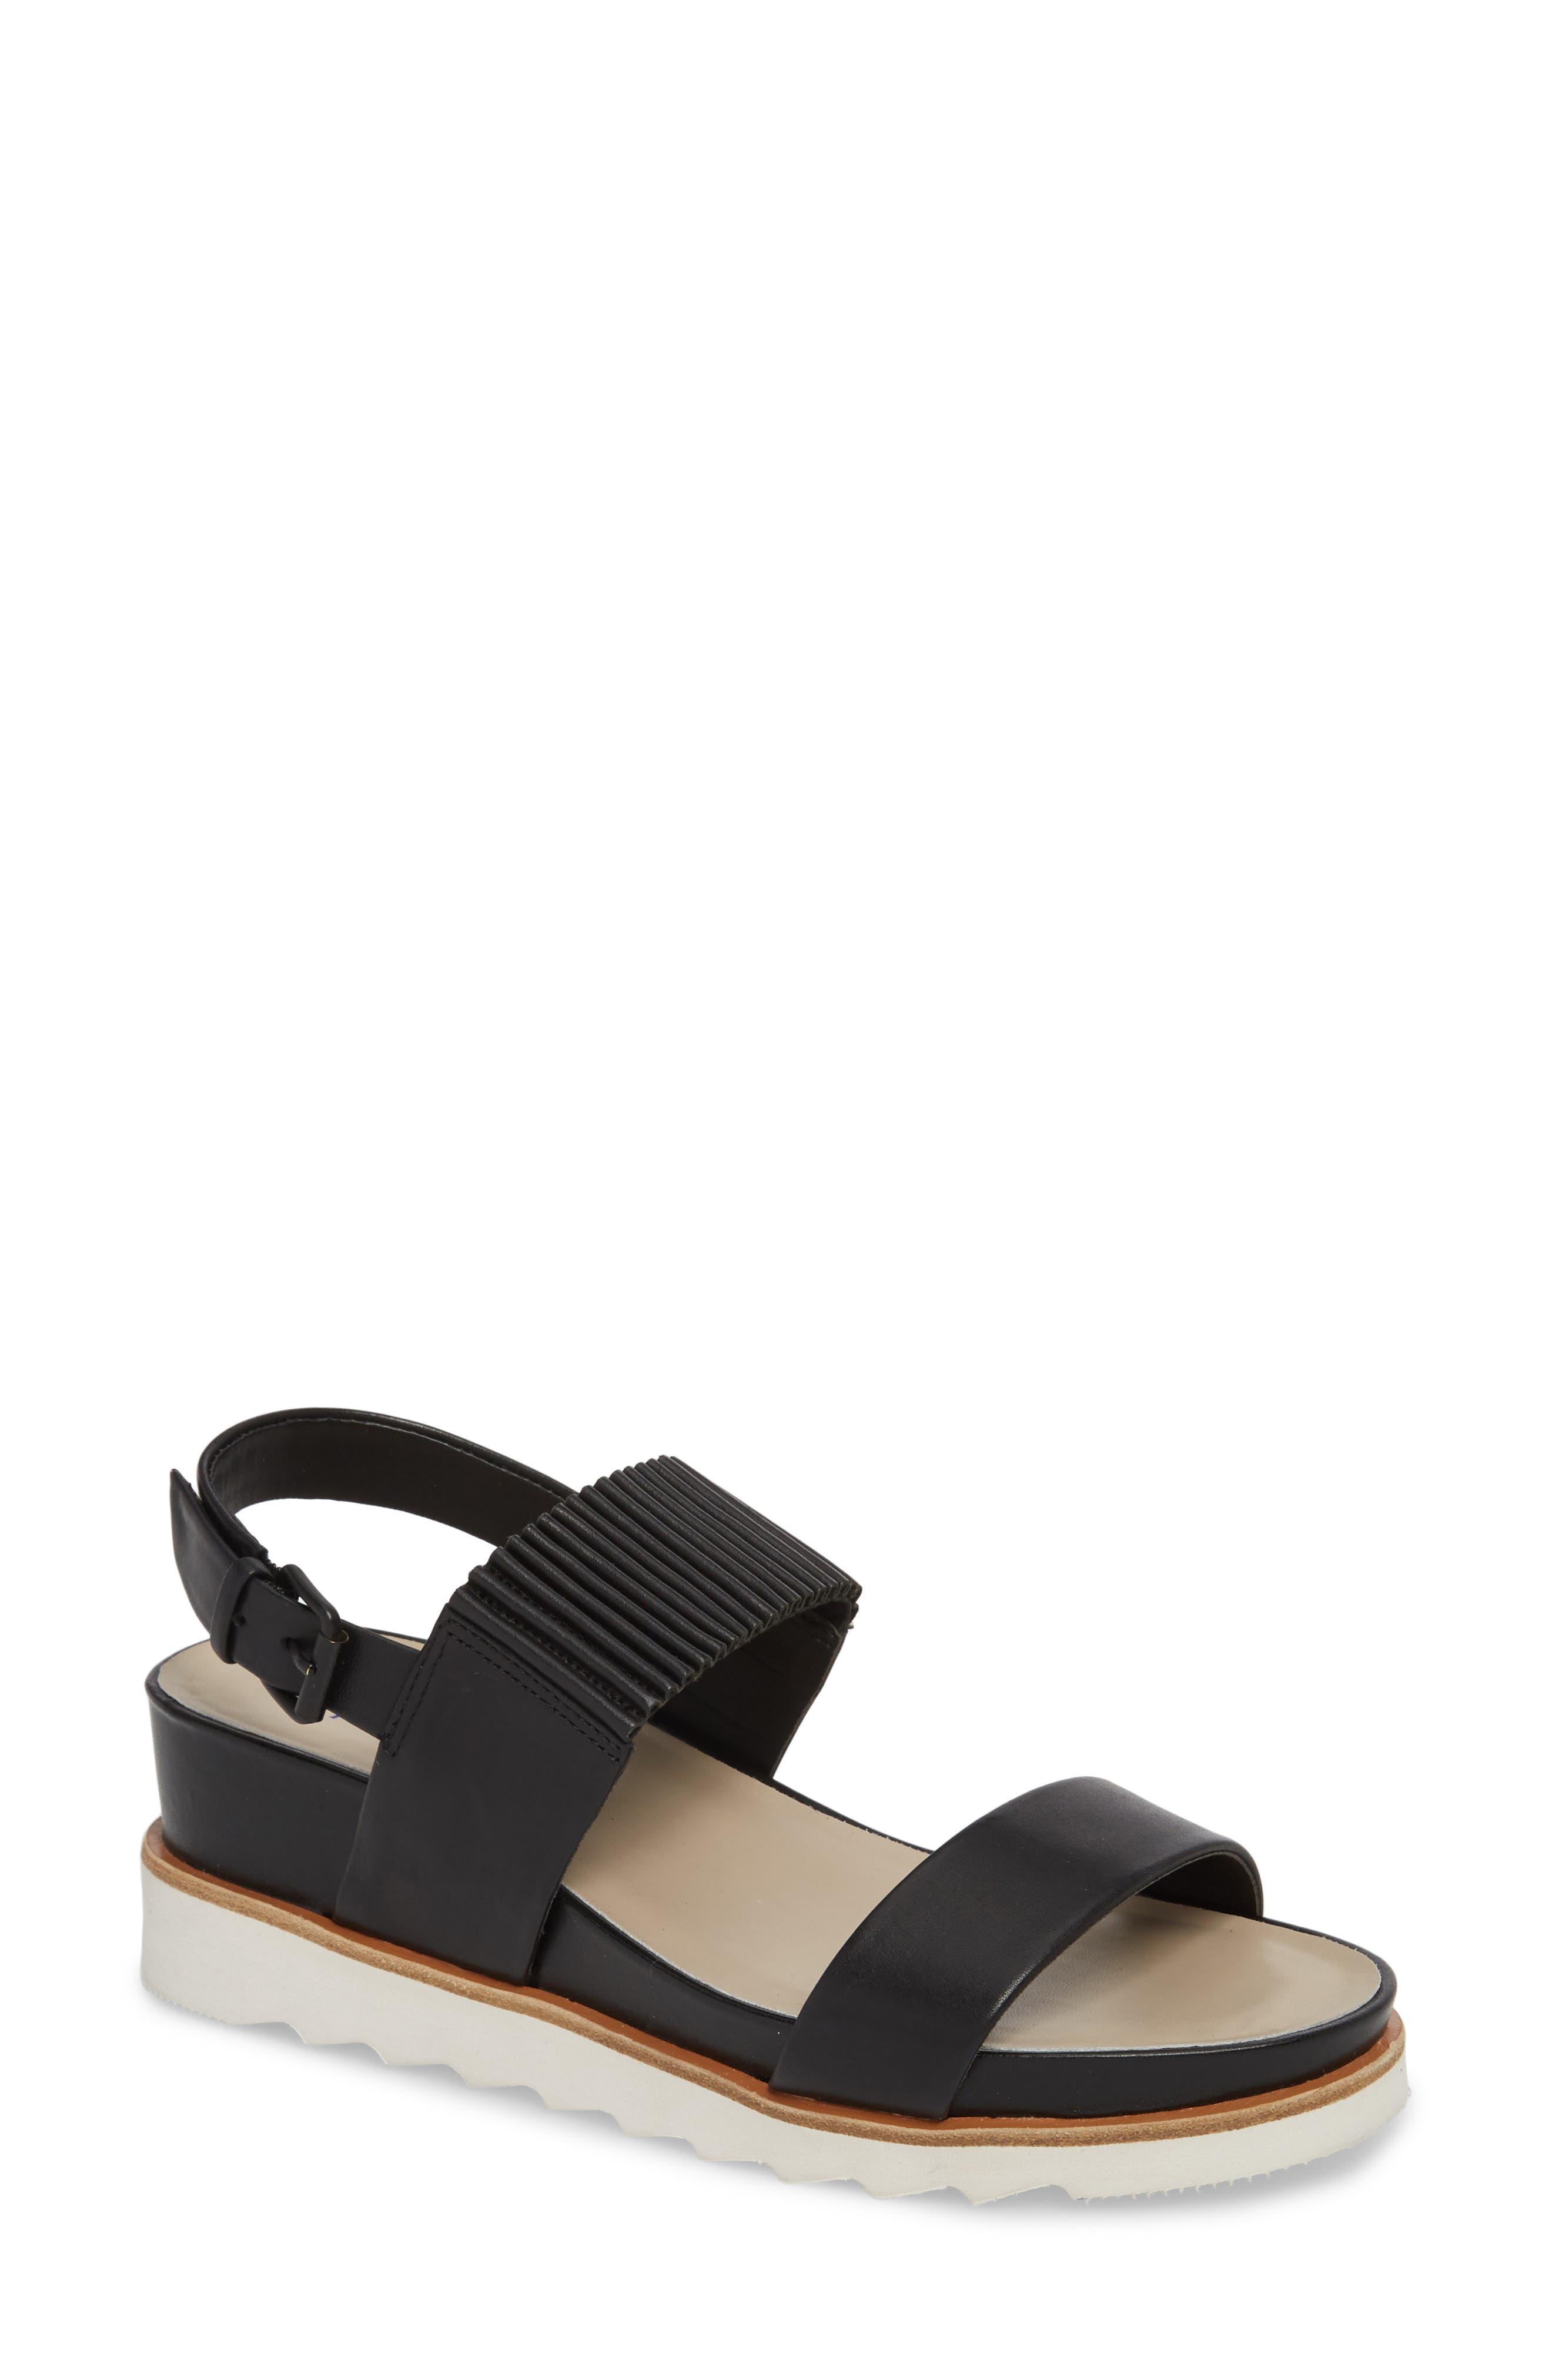 T TAHARI Grace Wedge Sandal, Main, color, 001